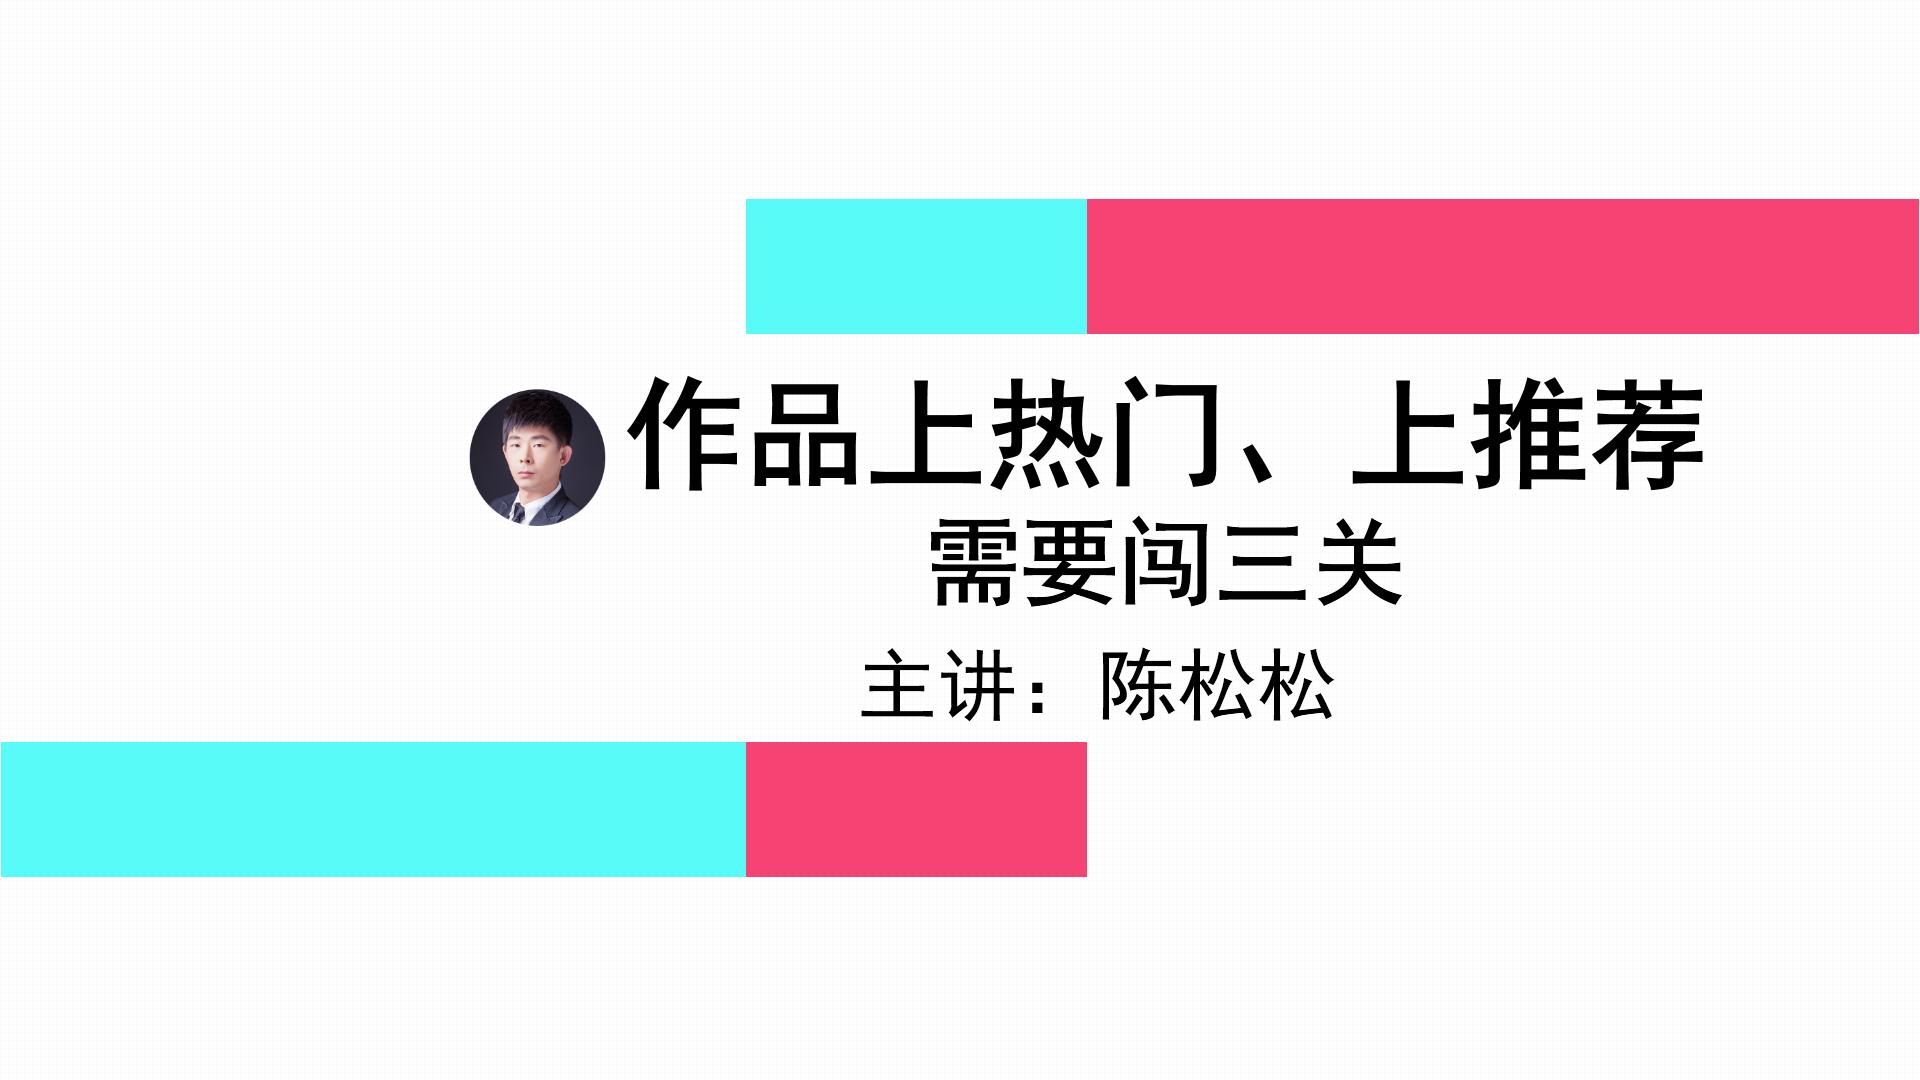 陈松松抖音运营:作品上热门上推荐,需要闯三关